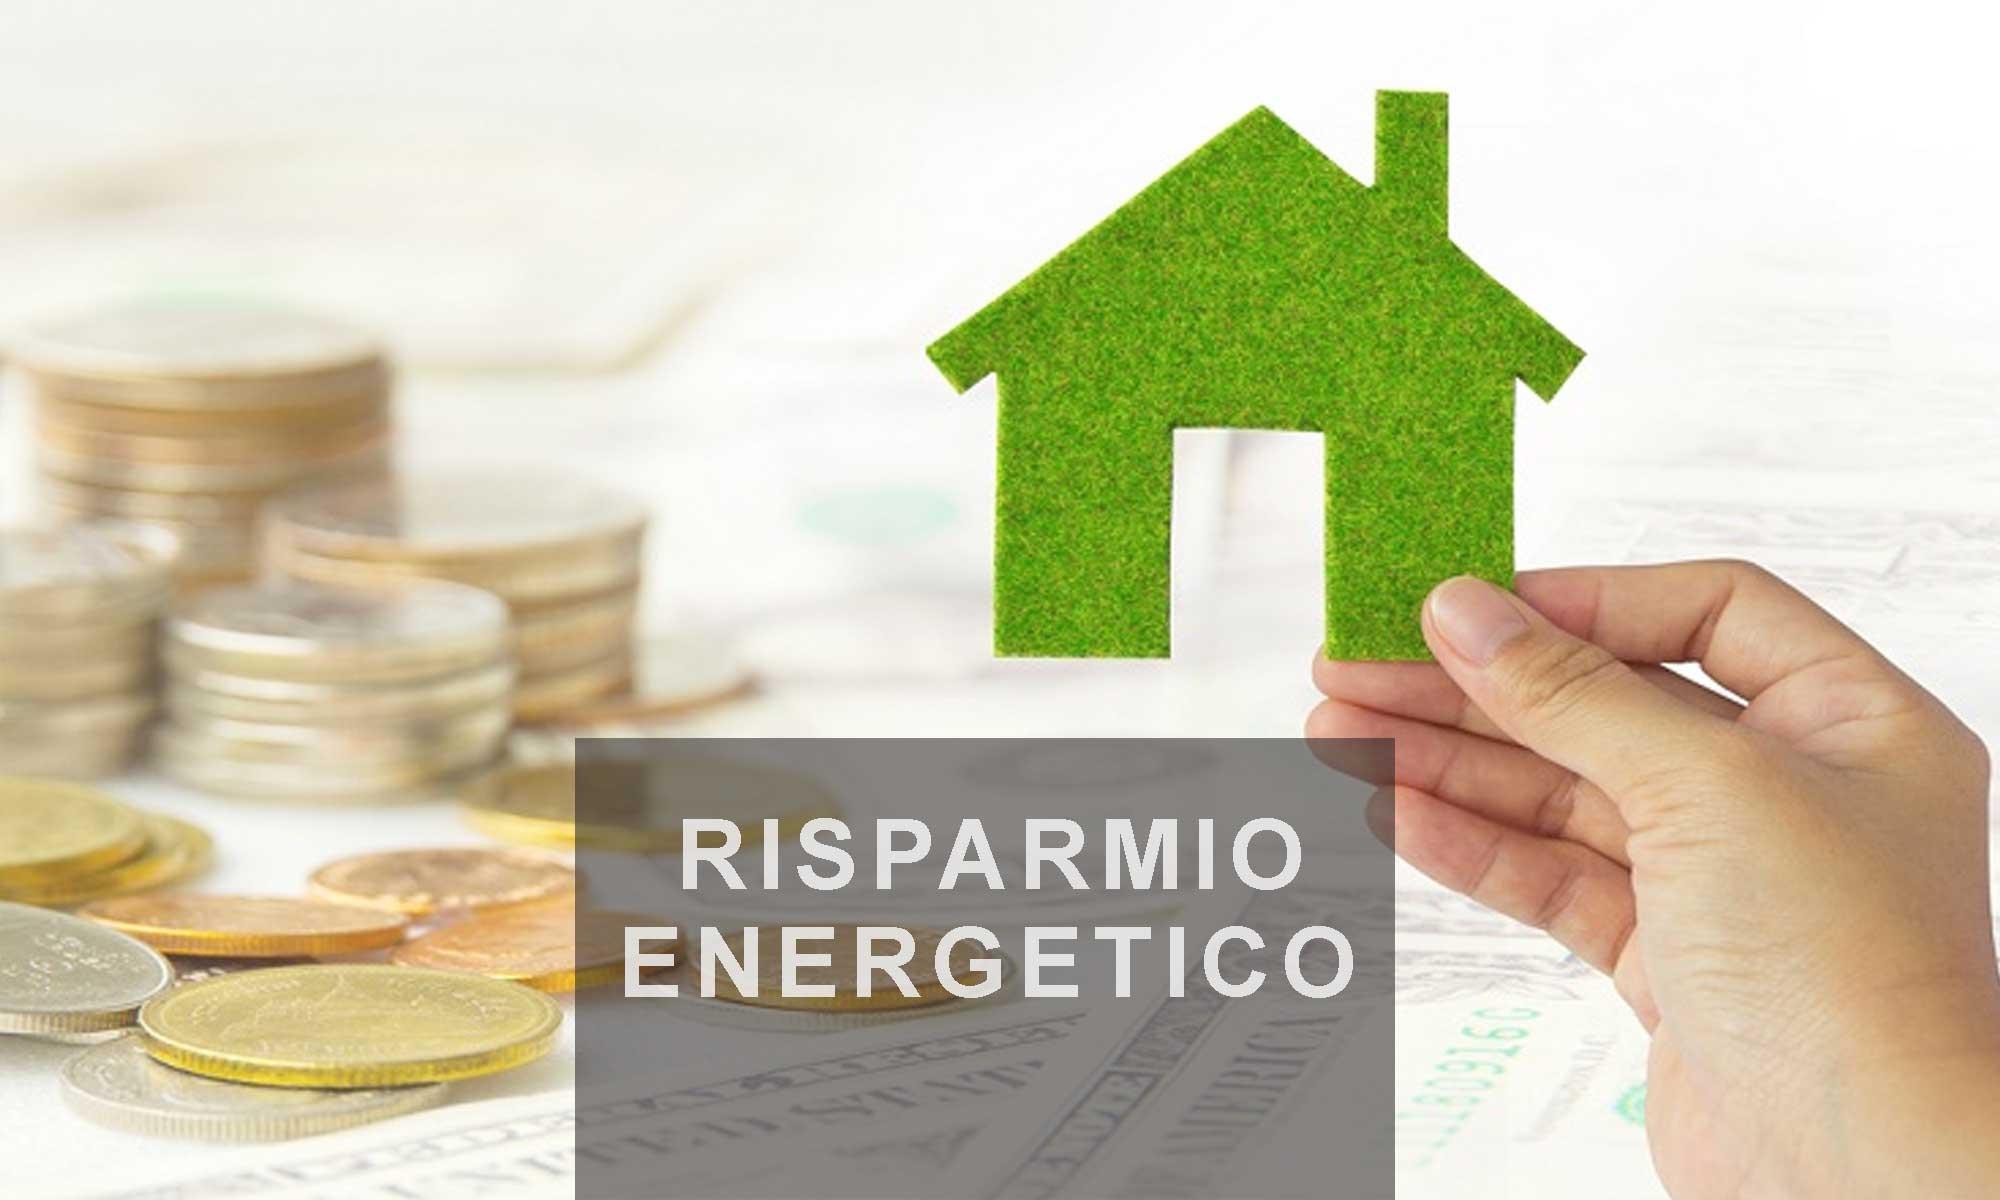 Risparmio energetico nuova a - Risparmio energetico casa ...